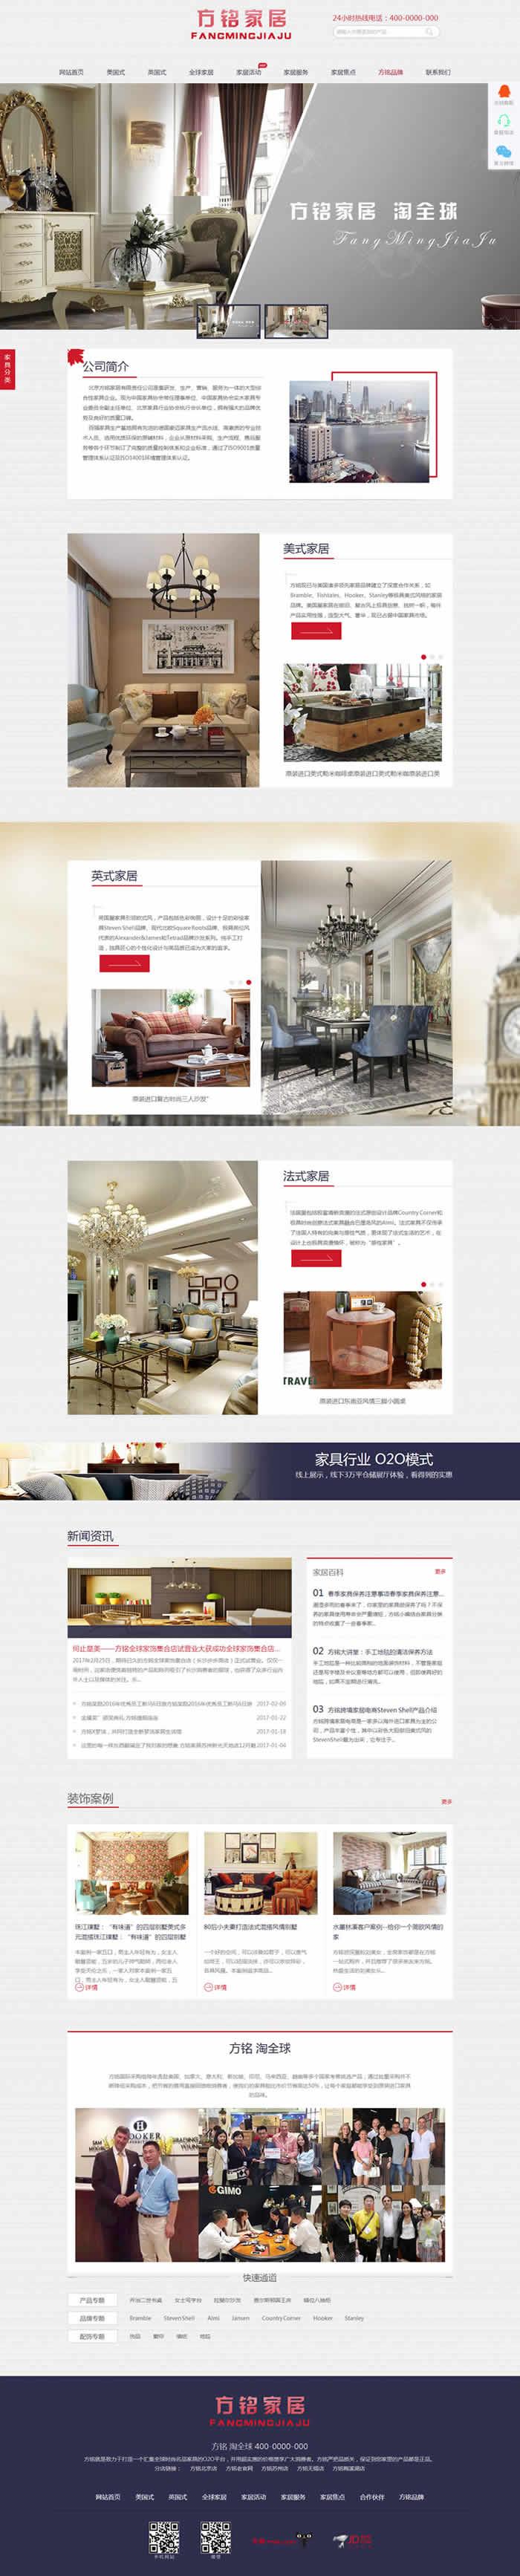 家居类营销型网站